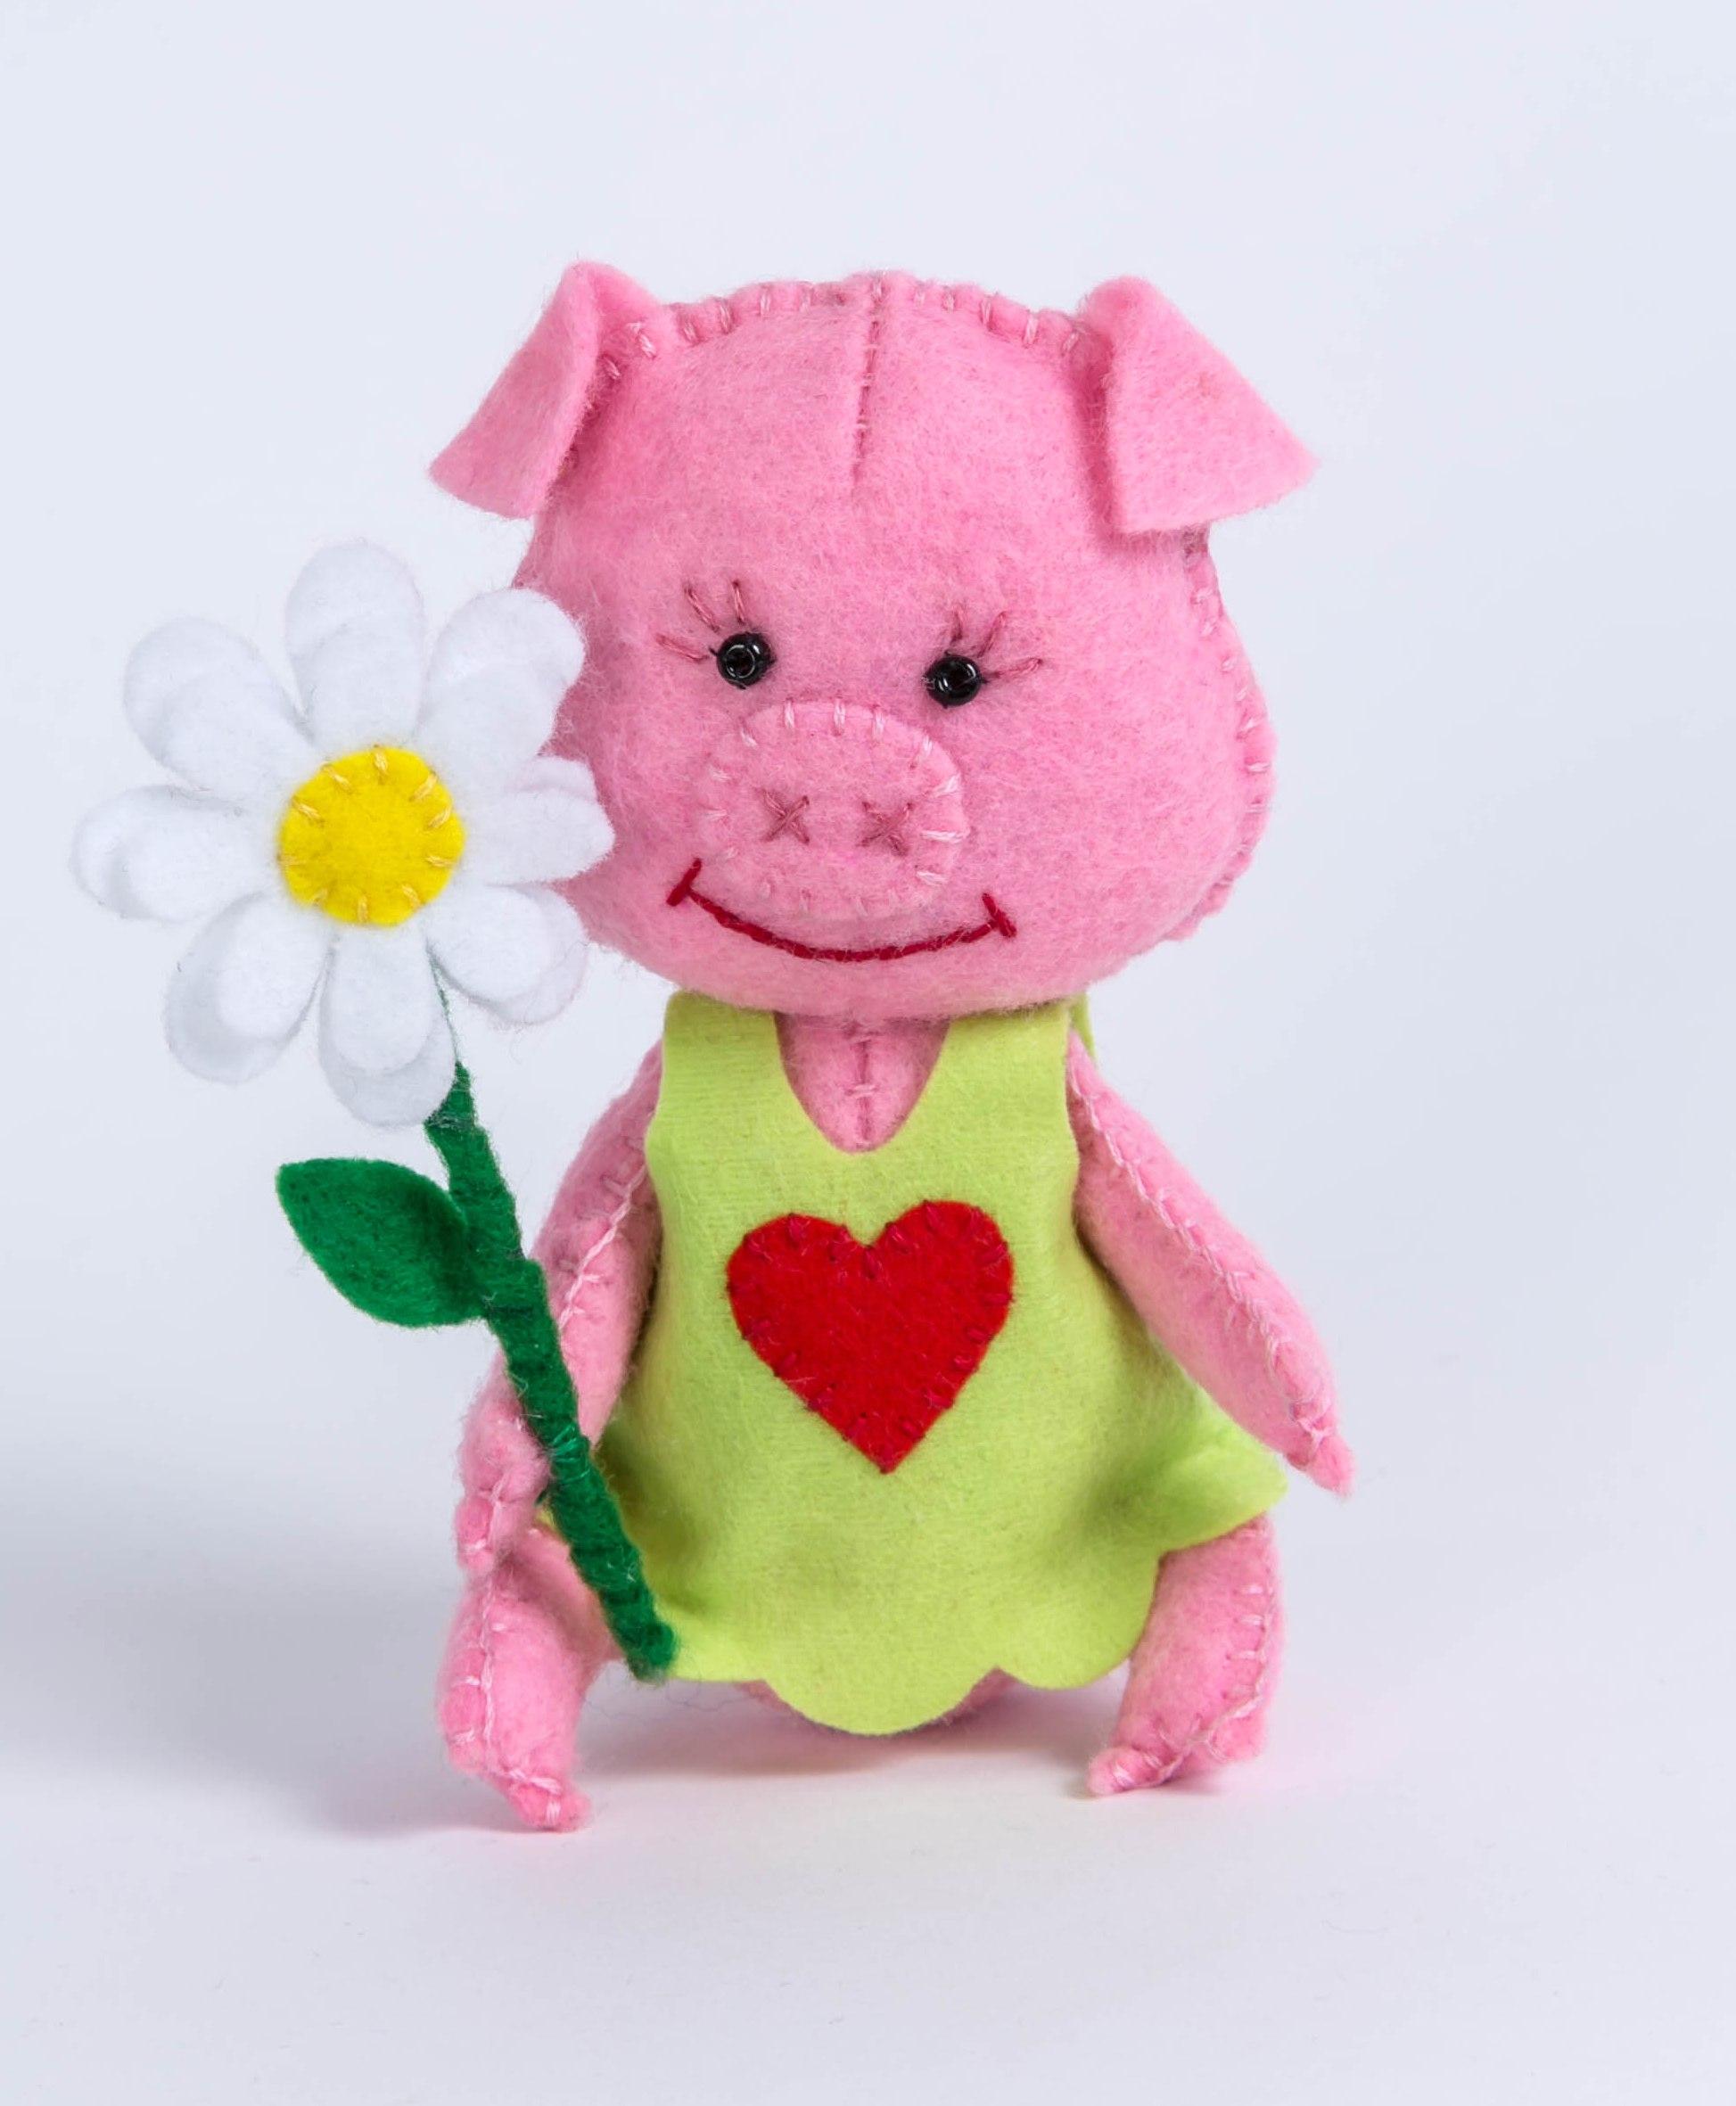 ПФД-1058 Набор для изготовления текстильной игрушки серия Детки 'Хрюша'